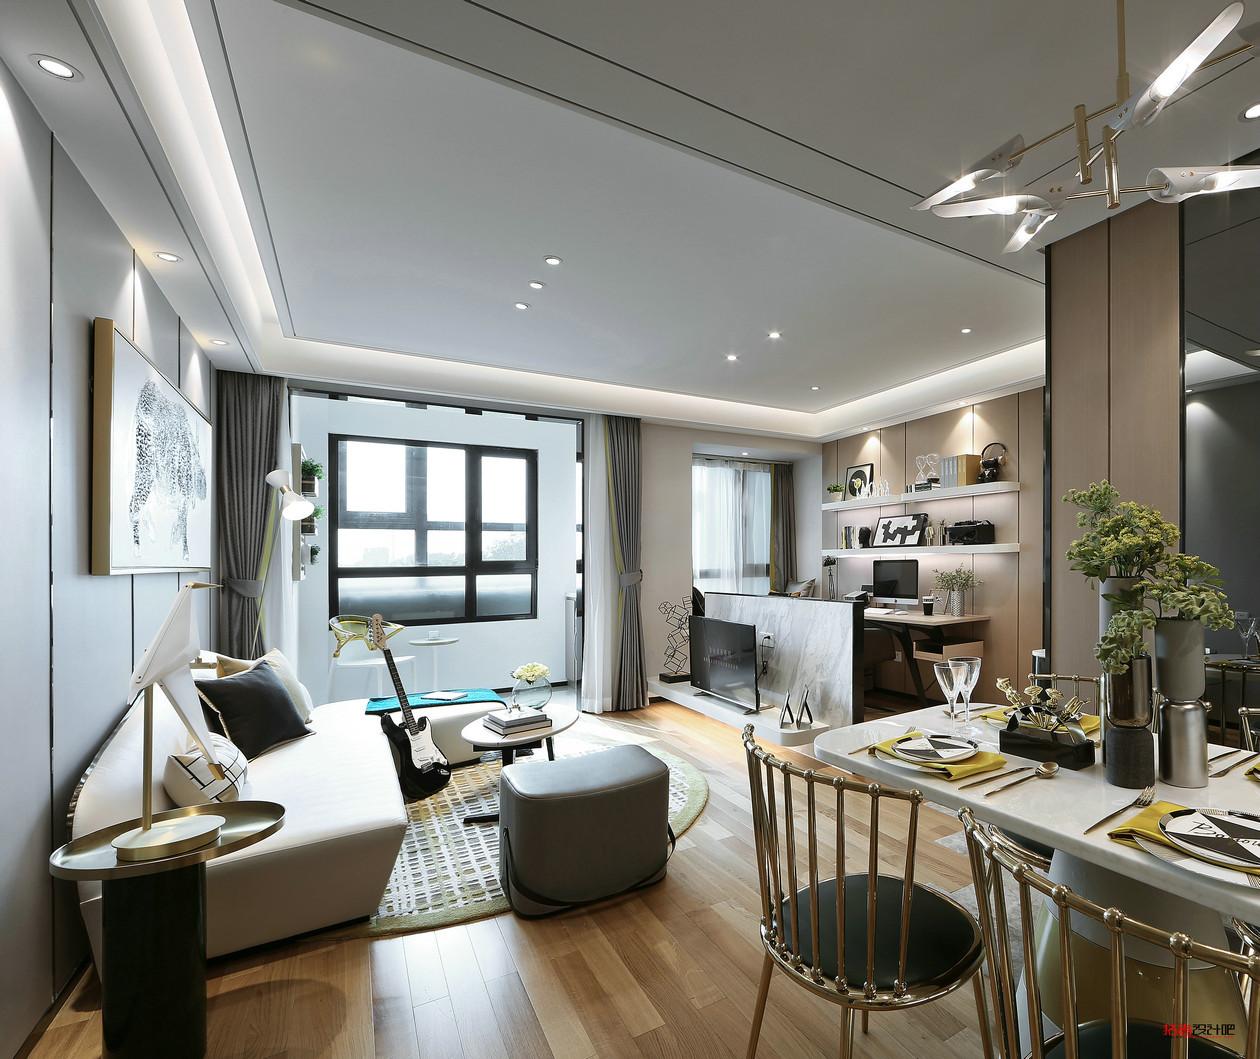 75㎡二居室:在有限的空间内巧妙设计